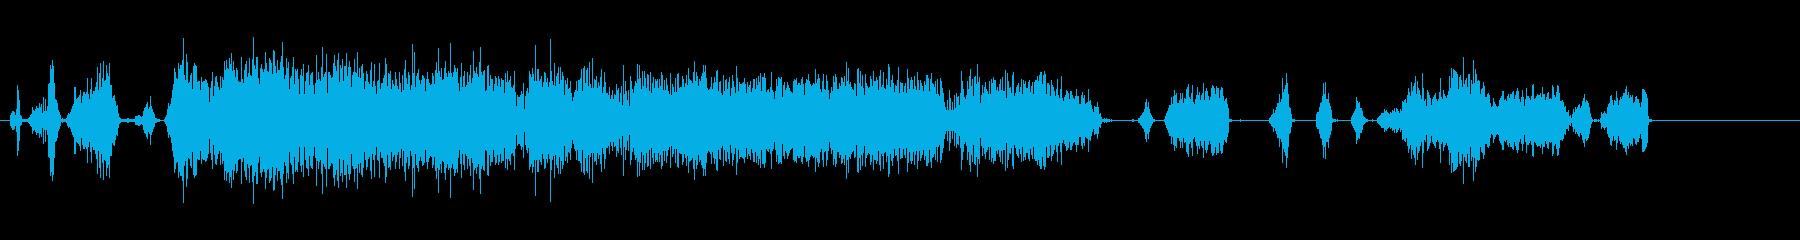 R / Cカー;ラジコン電気自動車...の再生済みの波形